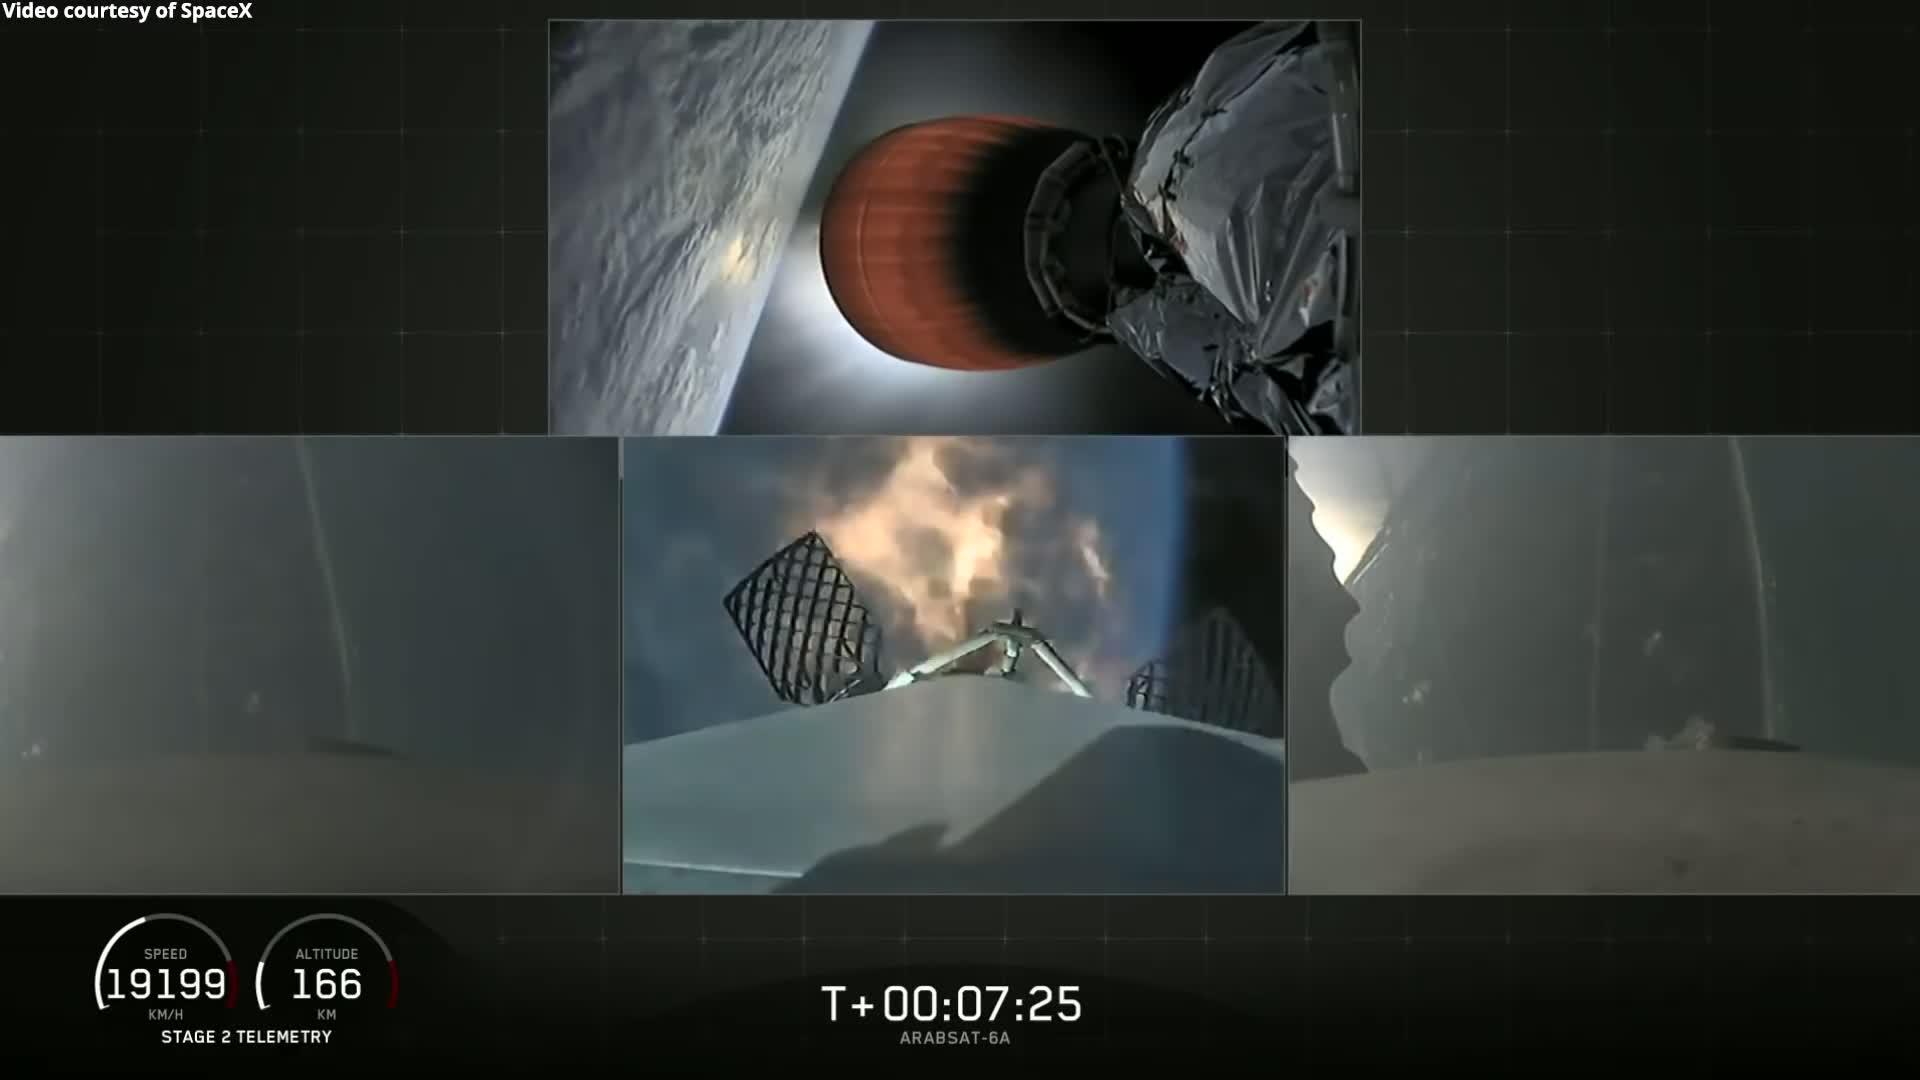 Arabsat-6A, B1052, B1053, B1055, Block 5, Falcon Heavy, Falcon Heavy Block 5, Falcon Heavy landing, Falcon Heavy landing 2019, SpaceX, Falcon Heavy boosters landing GIFs